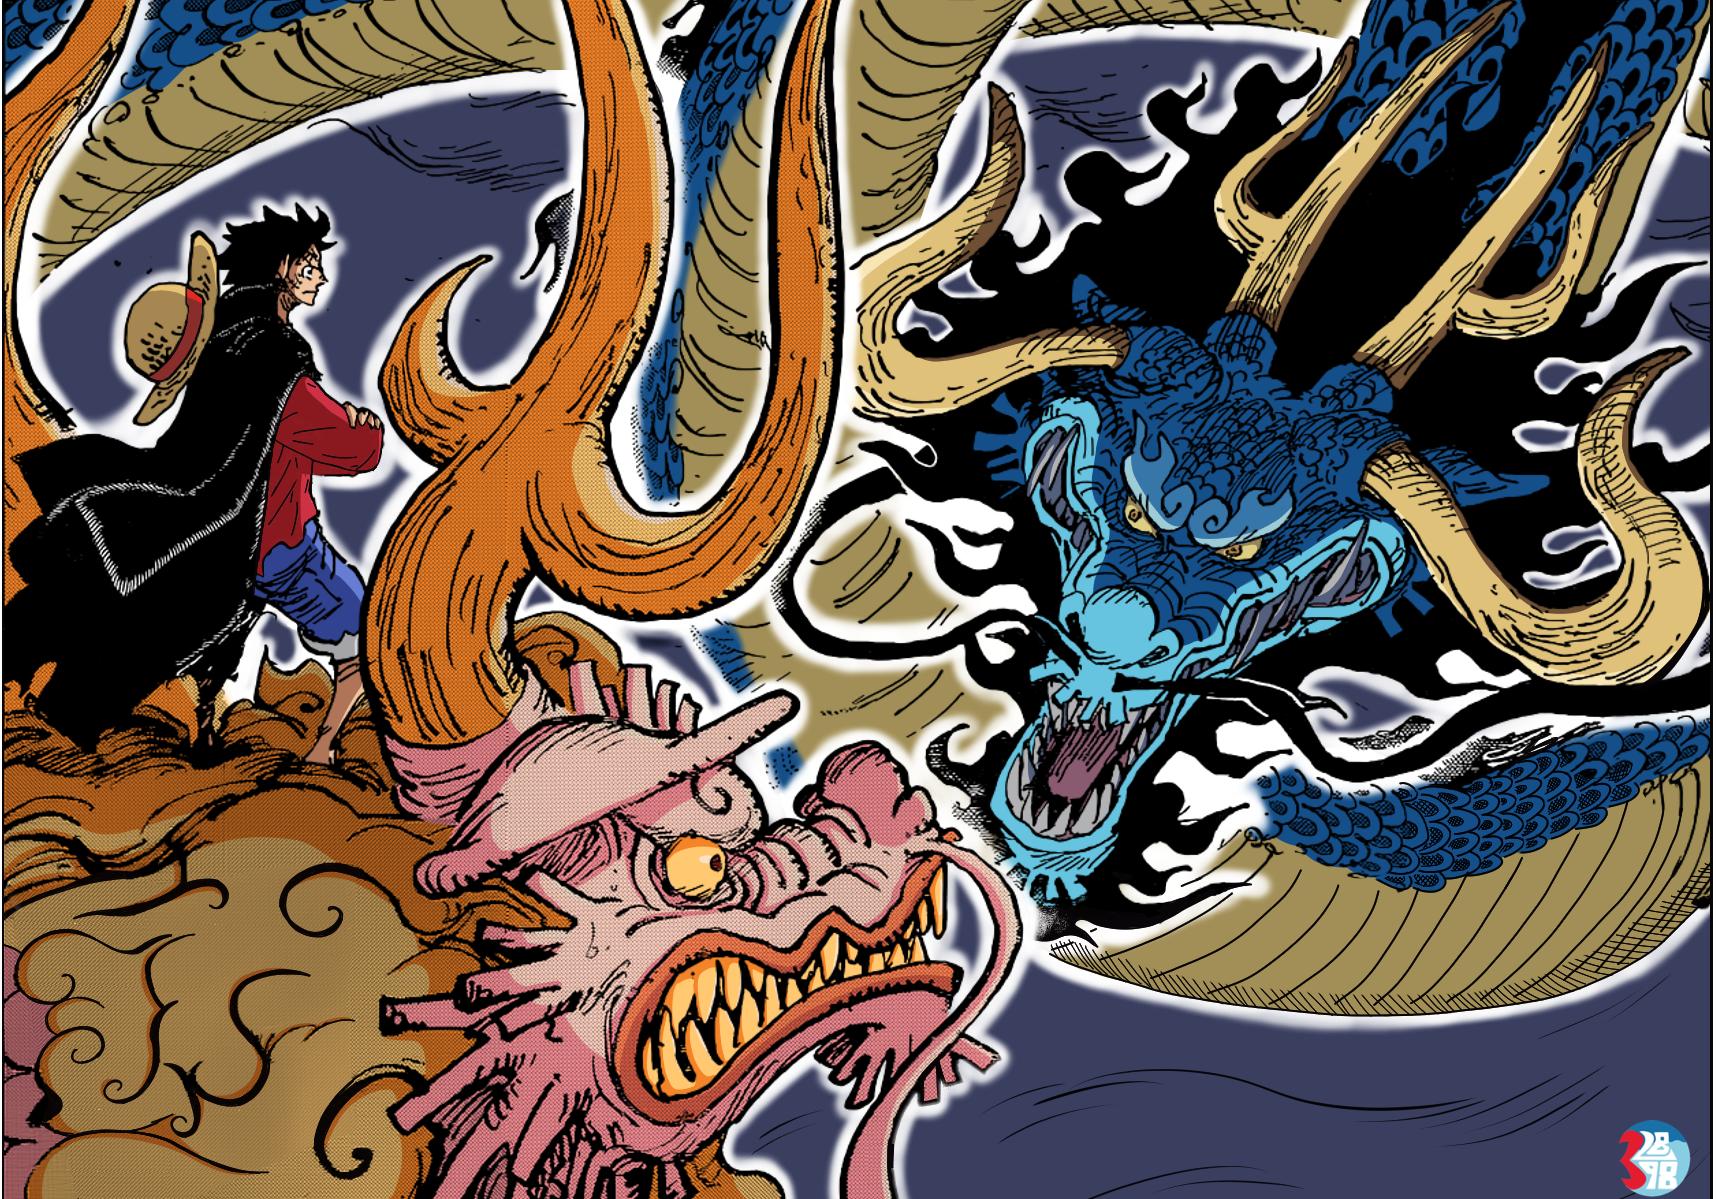 One Piece 1026 Spoiler: Trận chiến cuối cùng quyết định vận mệnh của Wano đã chính thức bắt đầu